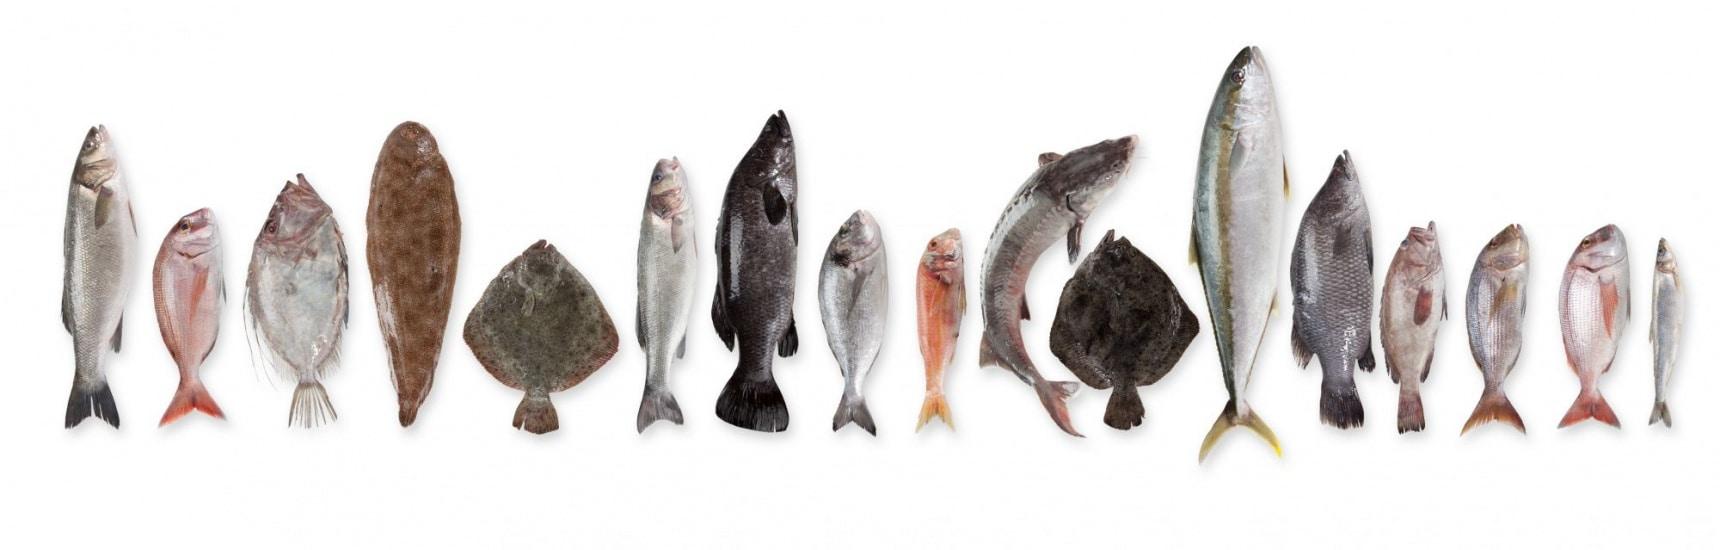 여름철 무더위에 영양 보충하기 좋은 신선한 해산물은?